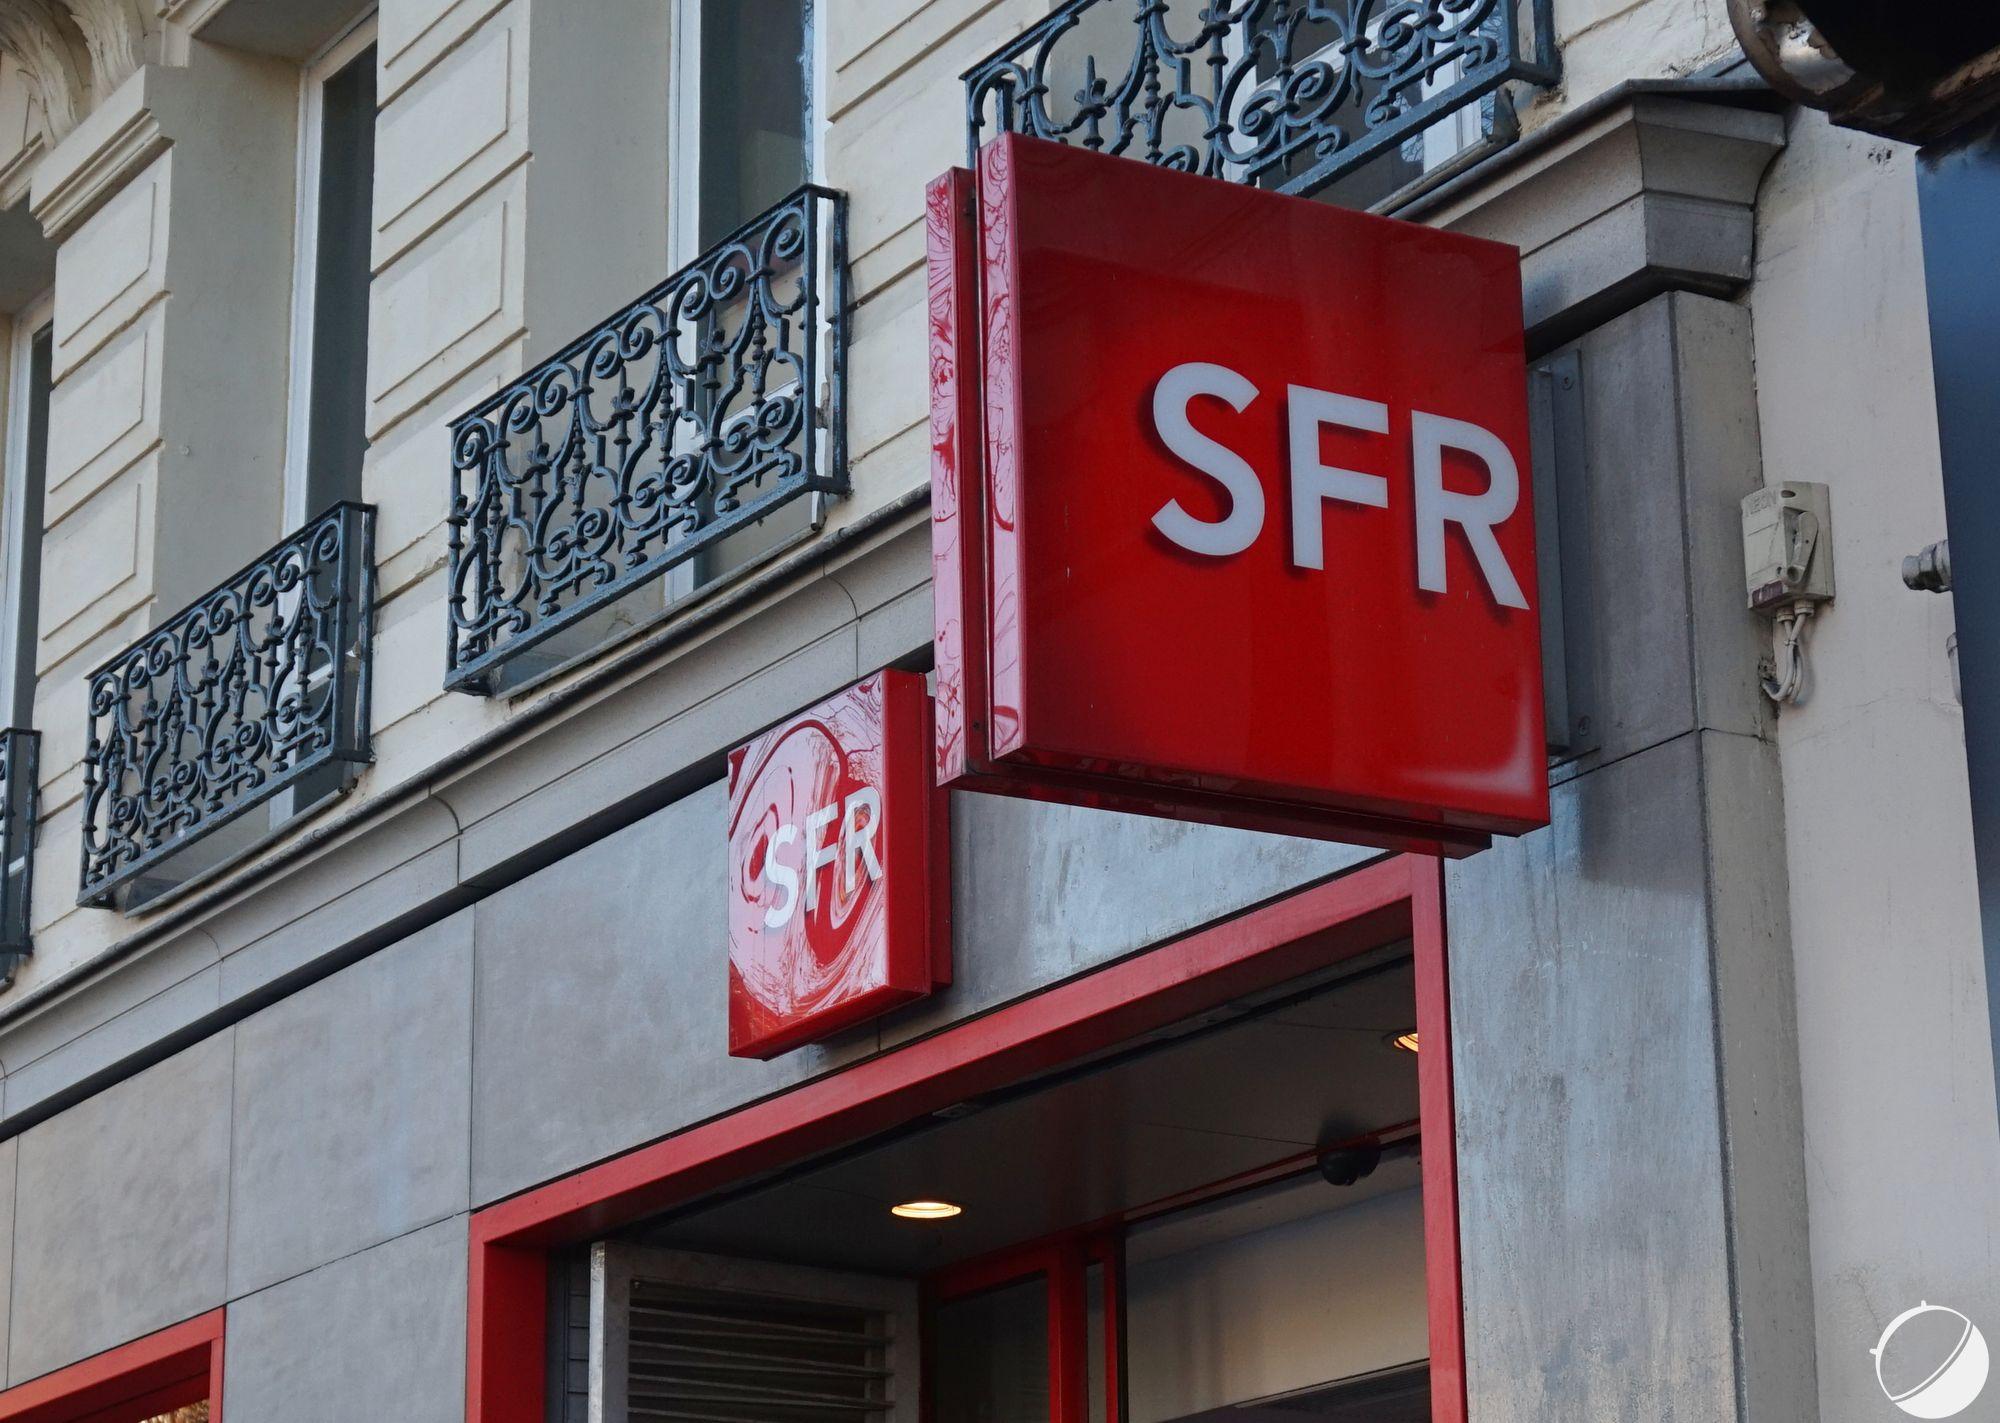 La finalisation du rachat de SFR par Altice bloquée temporairement par l'AMF